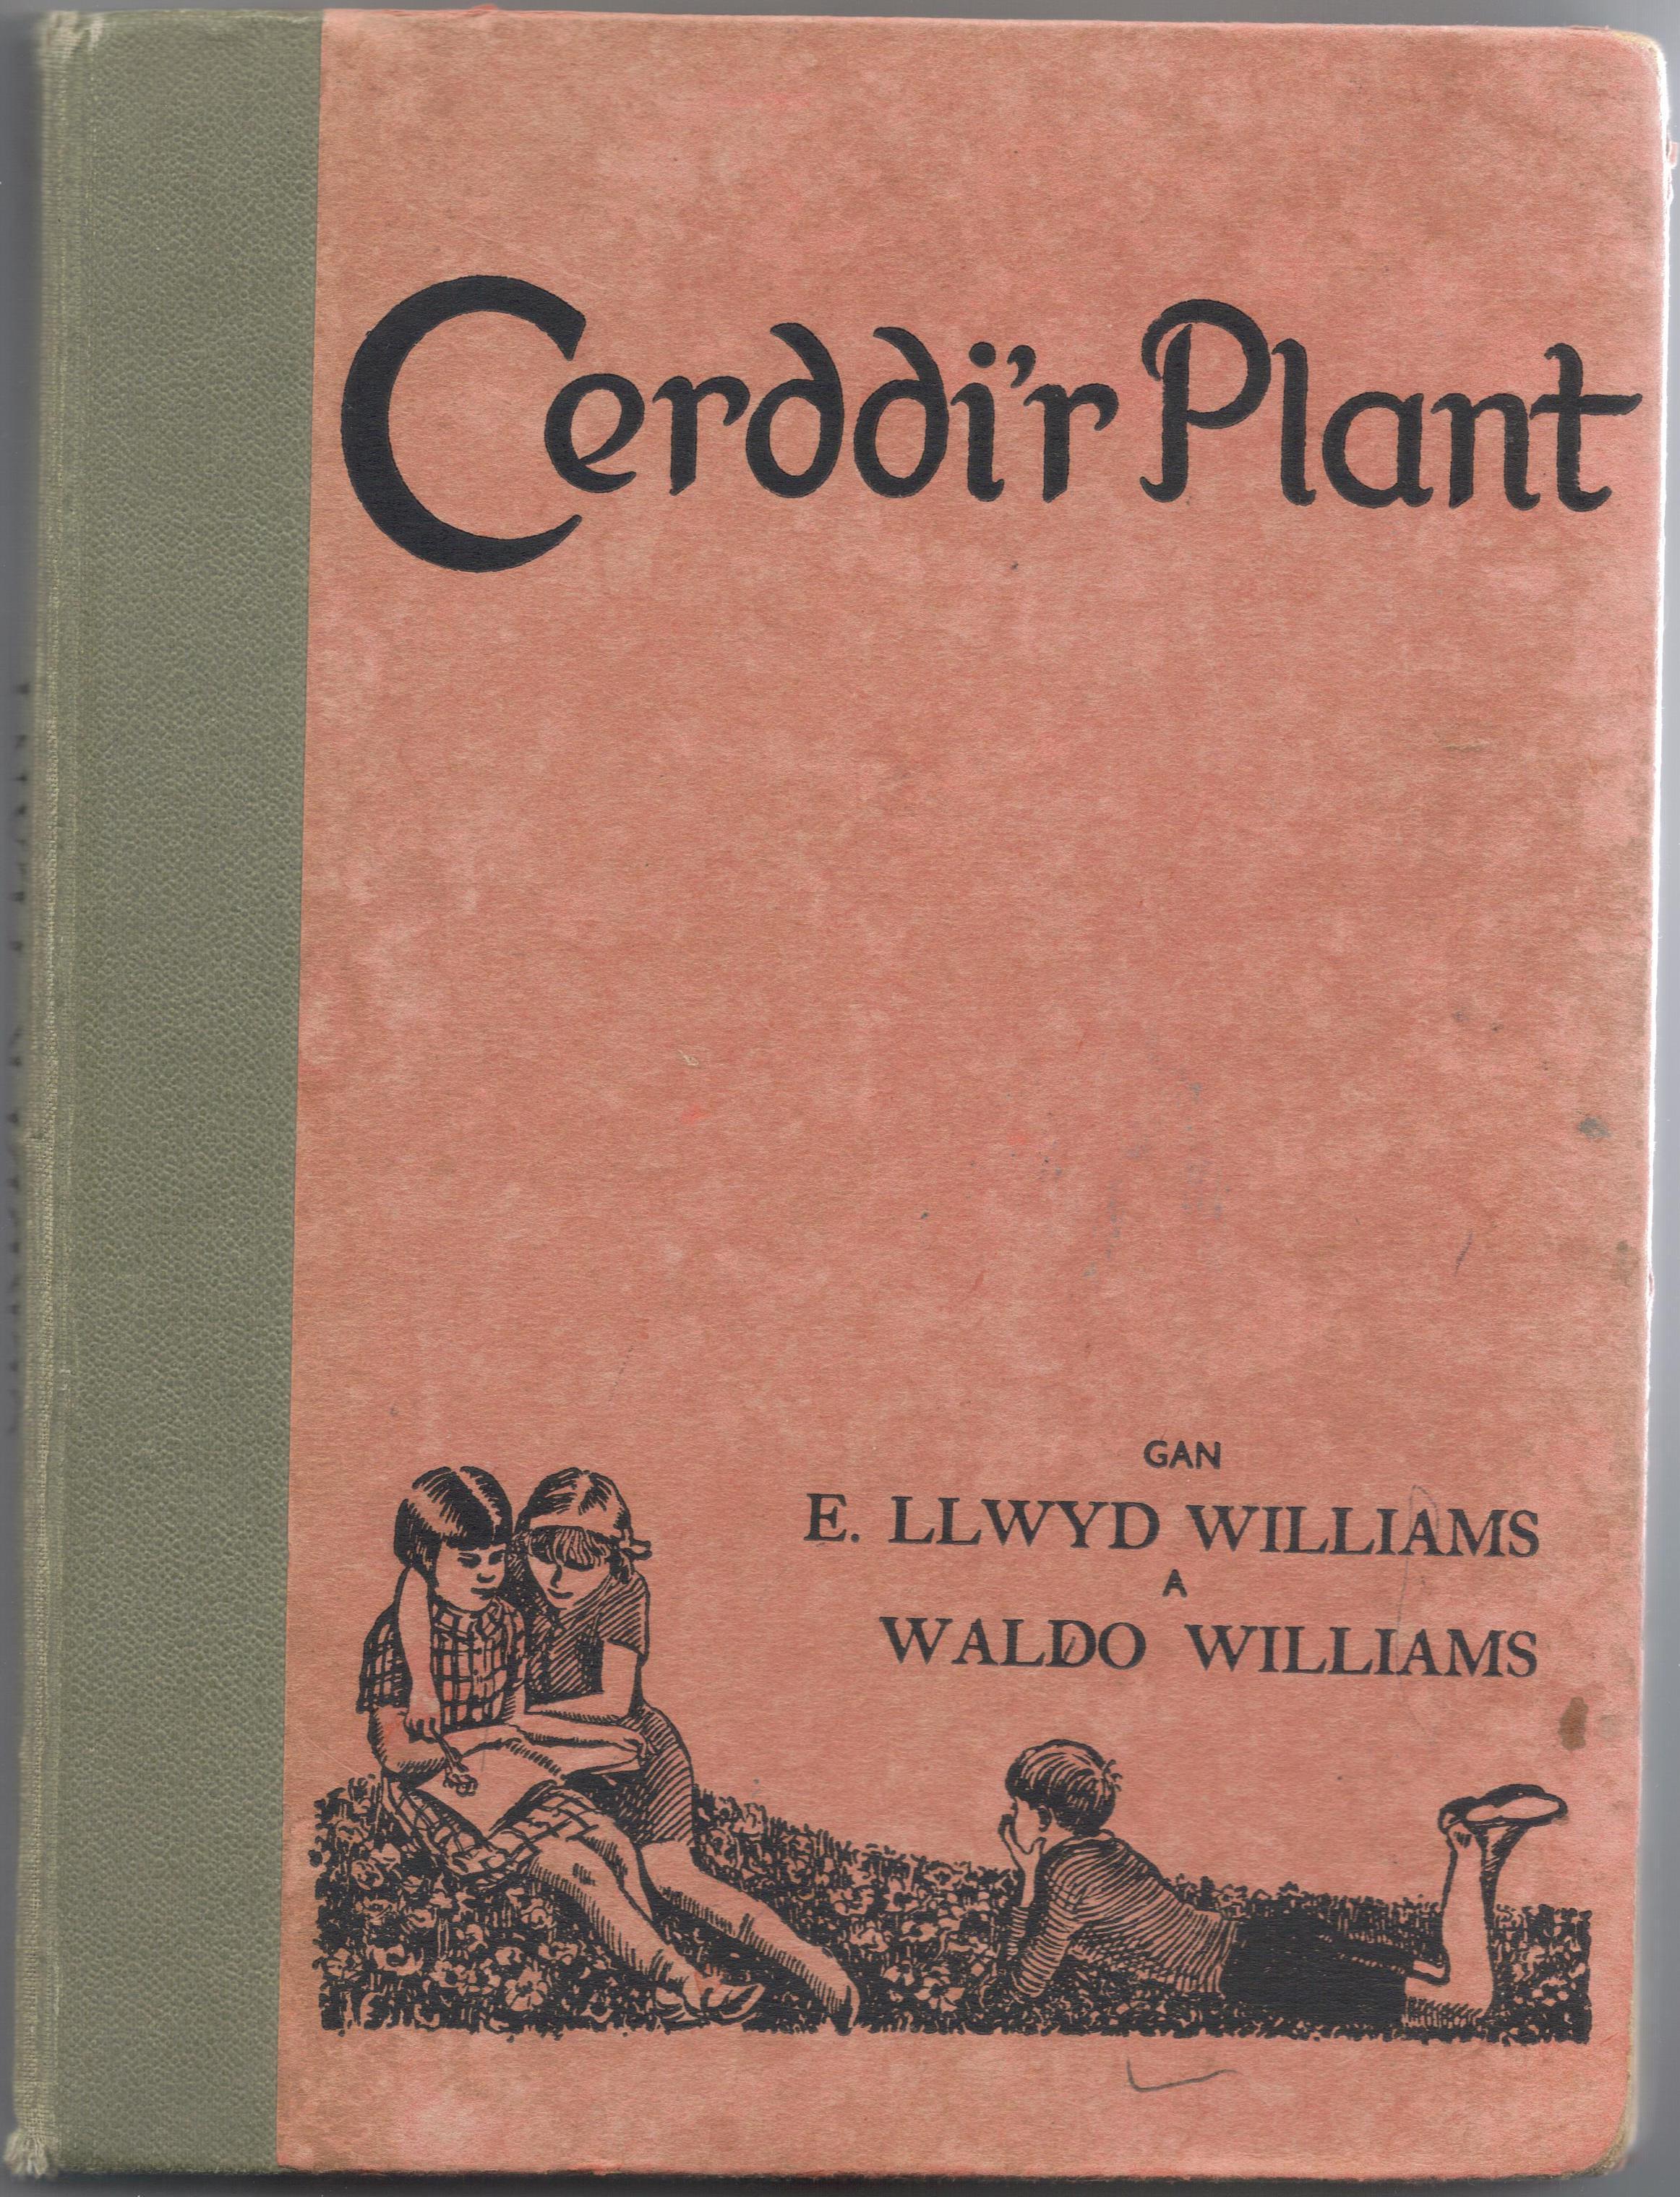 cerddi waldo williams Definitions of waldo williams, synonyms, antonyms, derivatives of waldo williams, analogical dictionary of waldo williams (english.